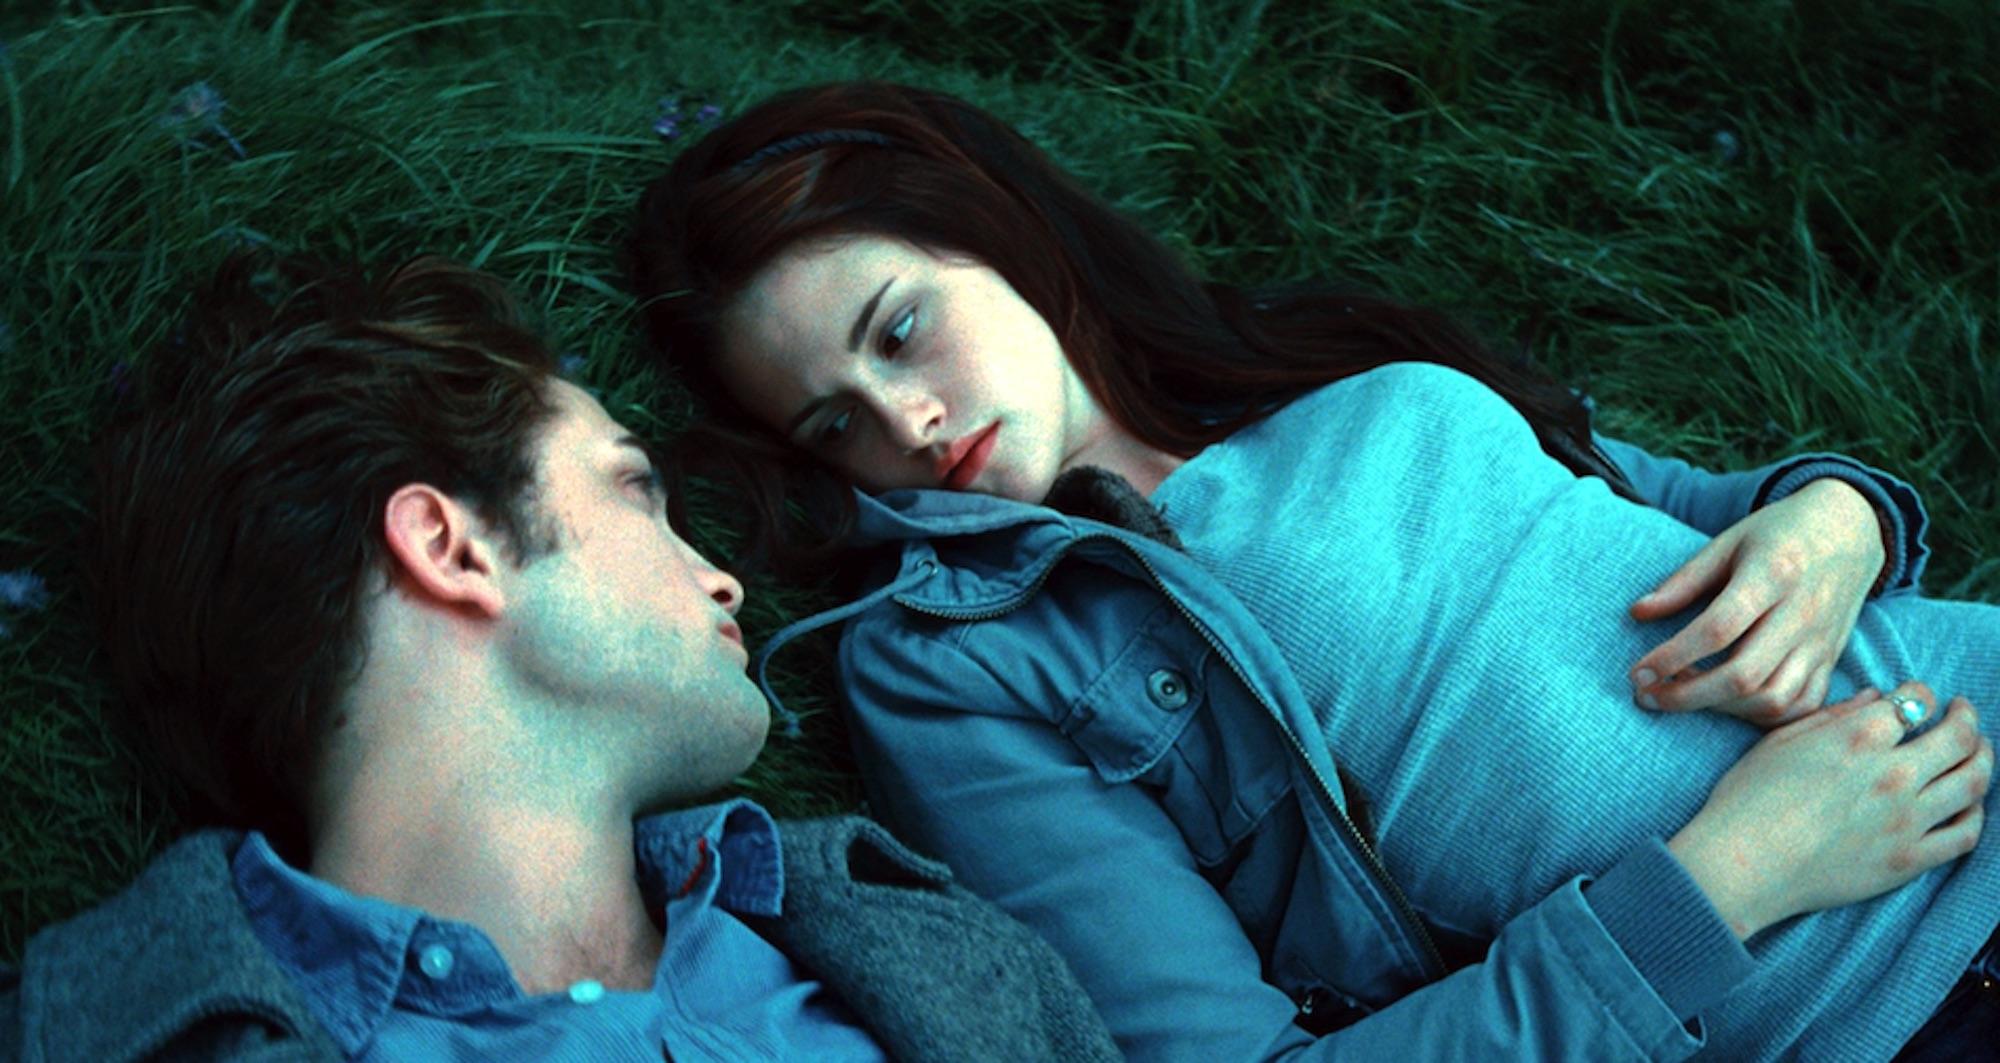 Edward Cullen (Robert Pattinson) and Bella Swan (Kristen Stewart) in the 'Twilight' meadow scene